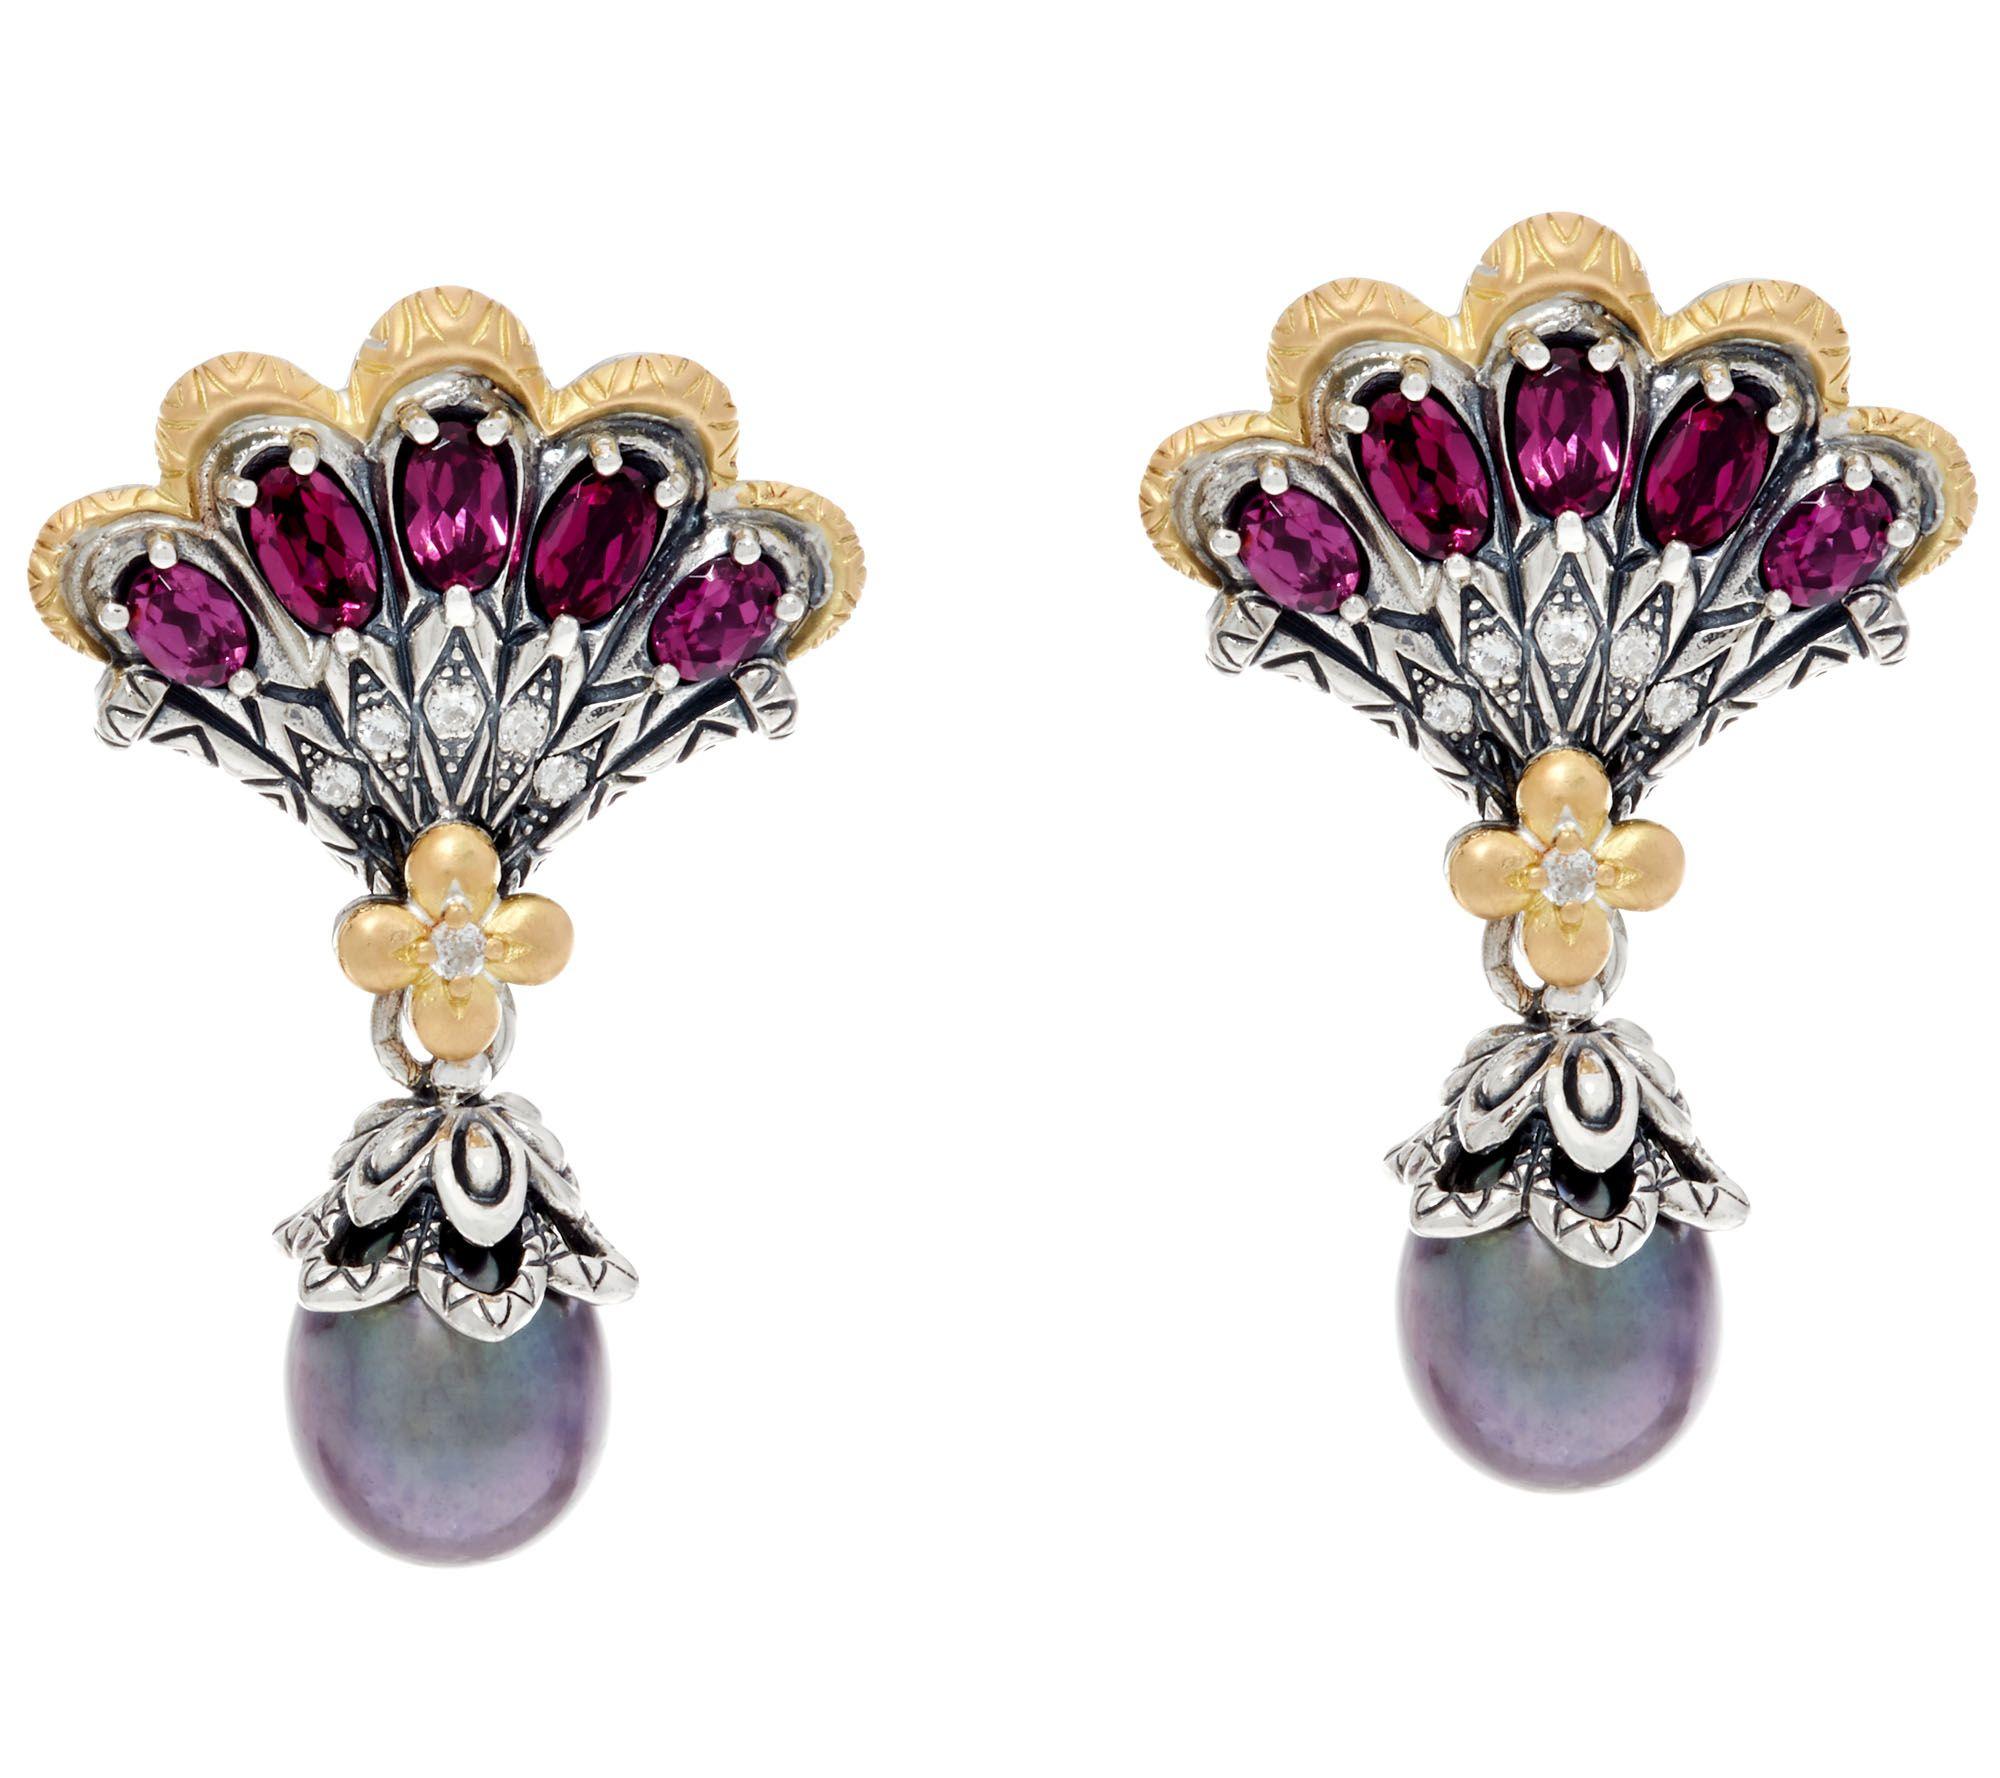 Barbara Bixby Sterling & 18k Cultured Pearl Mermaid Earrings  J329668